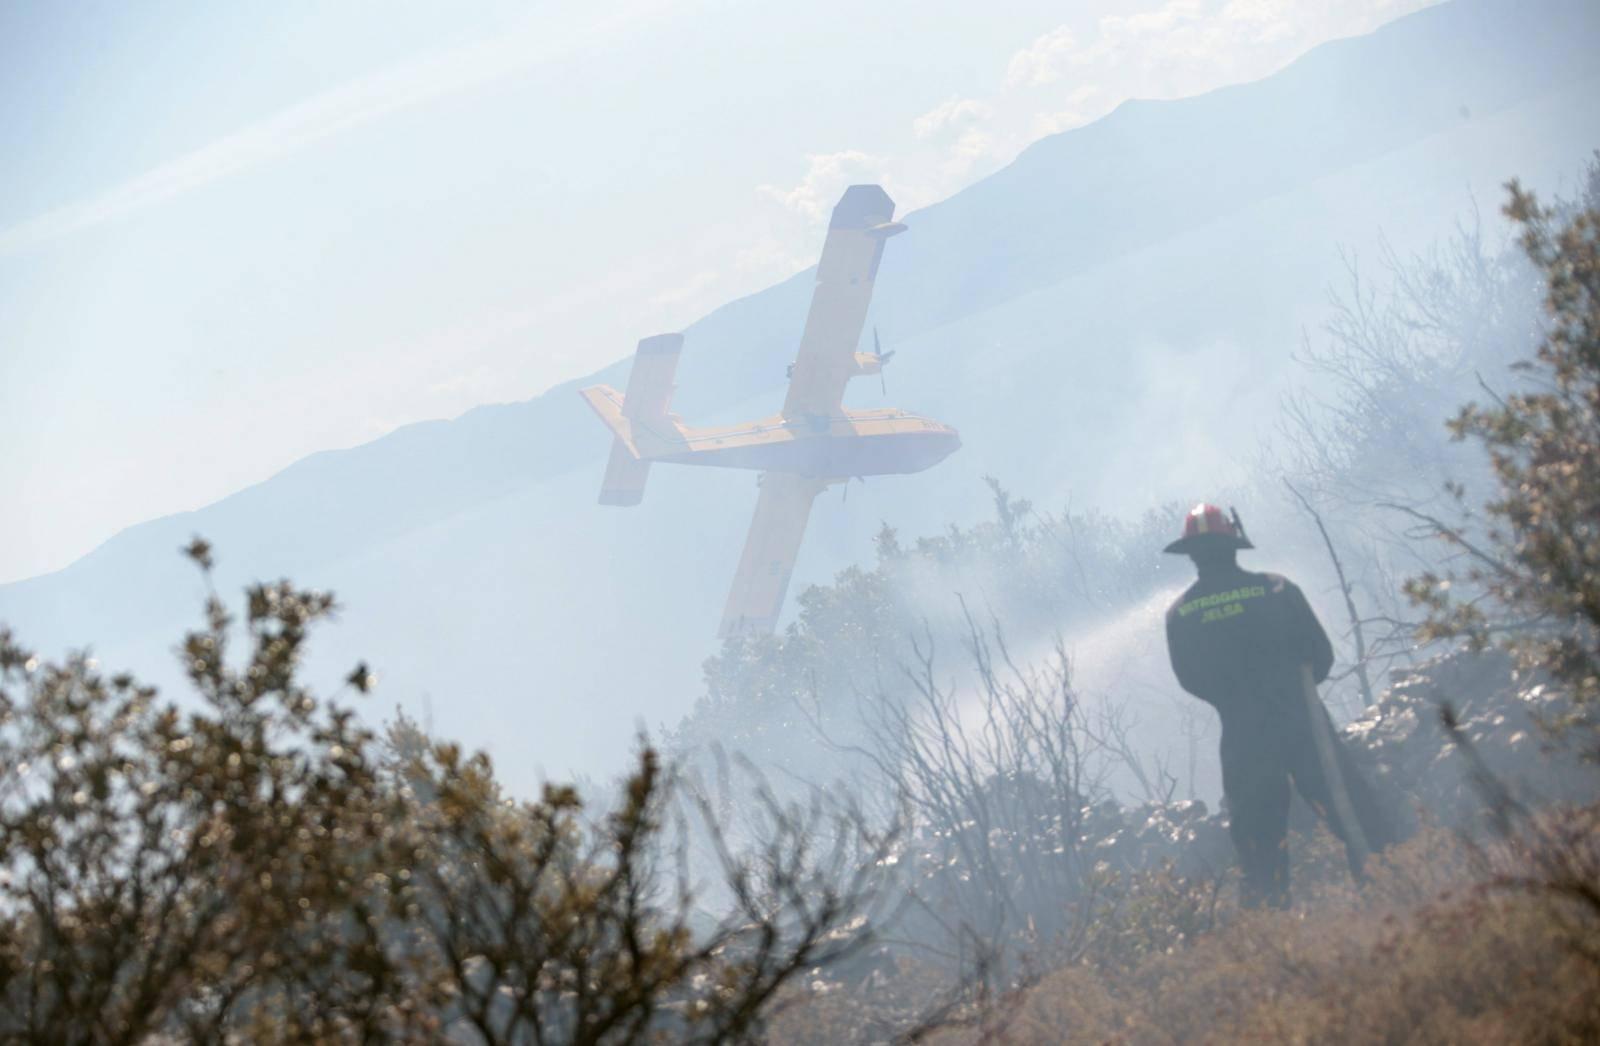 Požar u Smokvici se proširio: 'Još je velika borba pred nama'